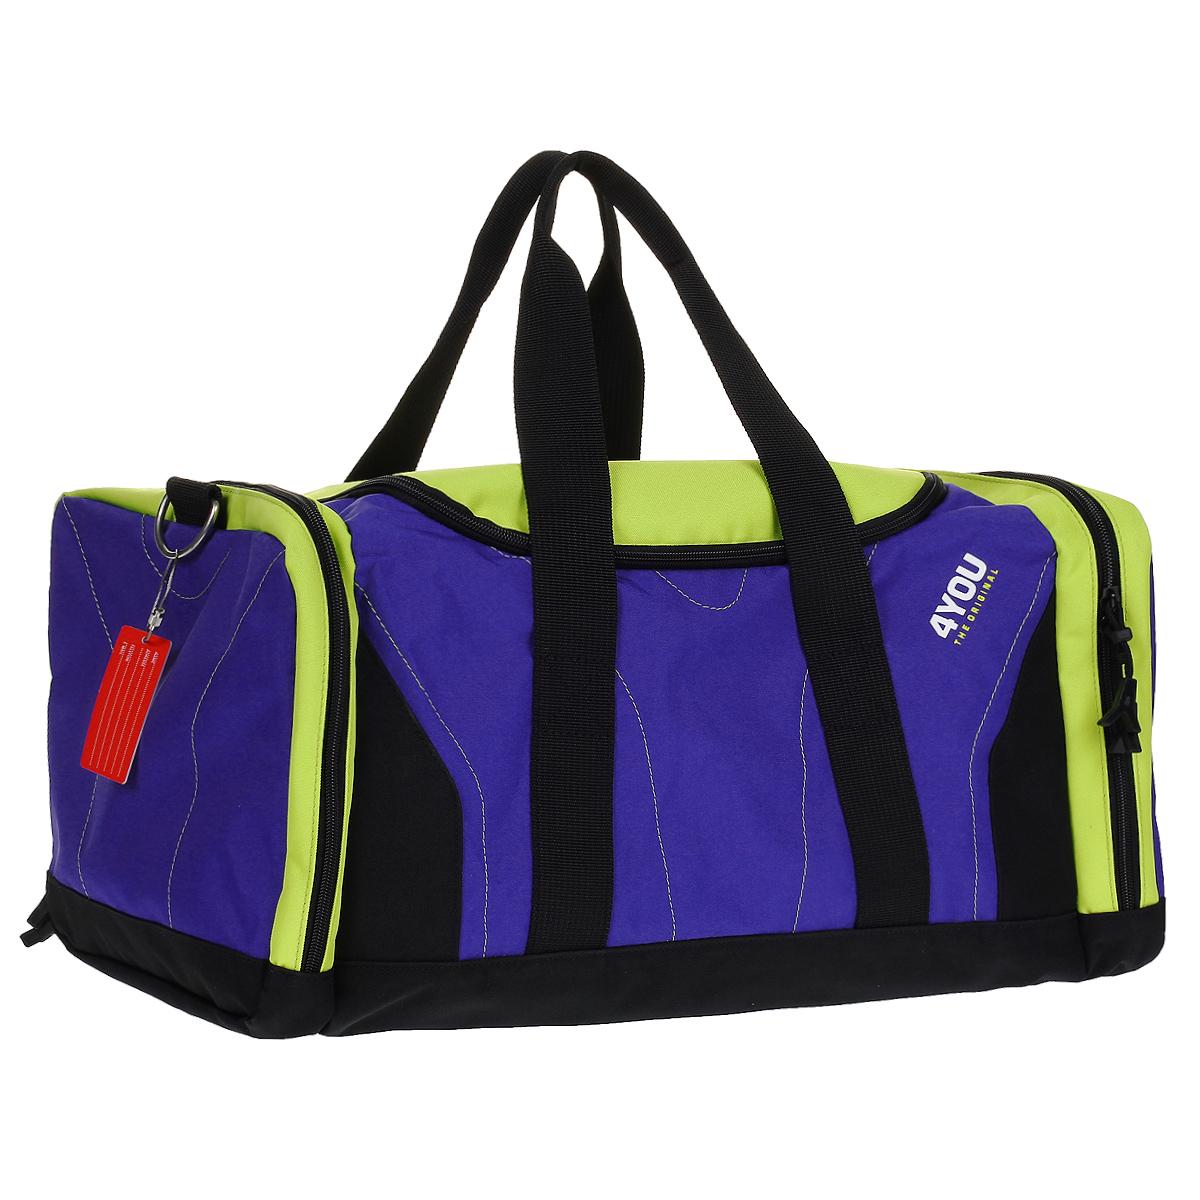 Сумка школьная 4You Спорт, цвет: синий, салатовый, черный171500-651Школьная сумка 4You Спорт предназначена для переноски спортивных вещей, обуви и инвентаря. Сумка выполнена из прочного износостойкого текстильного материала синего, салатового и черного цветов и содержит одно вместительное отделение, которое закрывается на застежку-молнию с двумя бегунками. По бокам находятся два внешних кармана, закрывающиеся также на застежку-молнию с двумя бегунками. Спортивная сумка оснащена двумя текстильными ручками для переноски в руке и плечевым ремнем, регулируемым по длине.